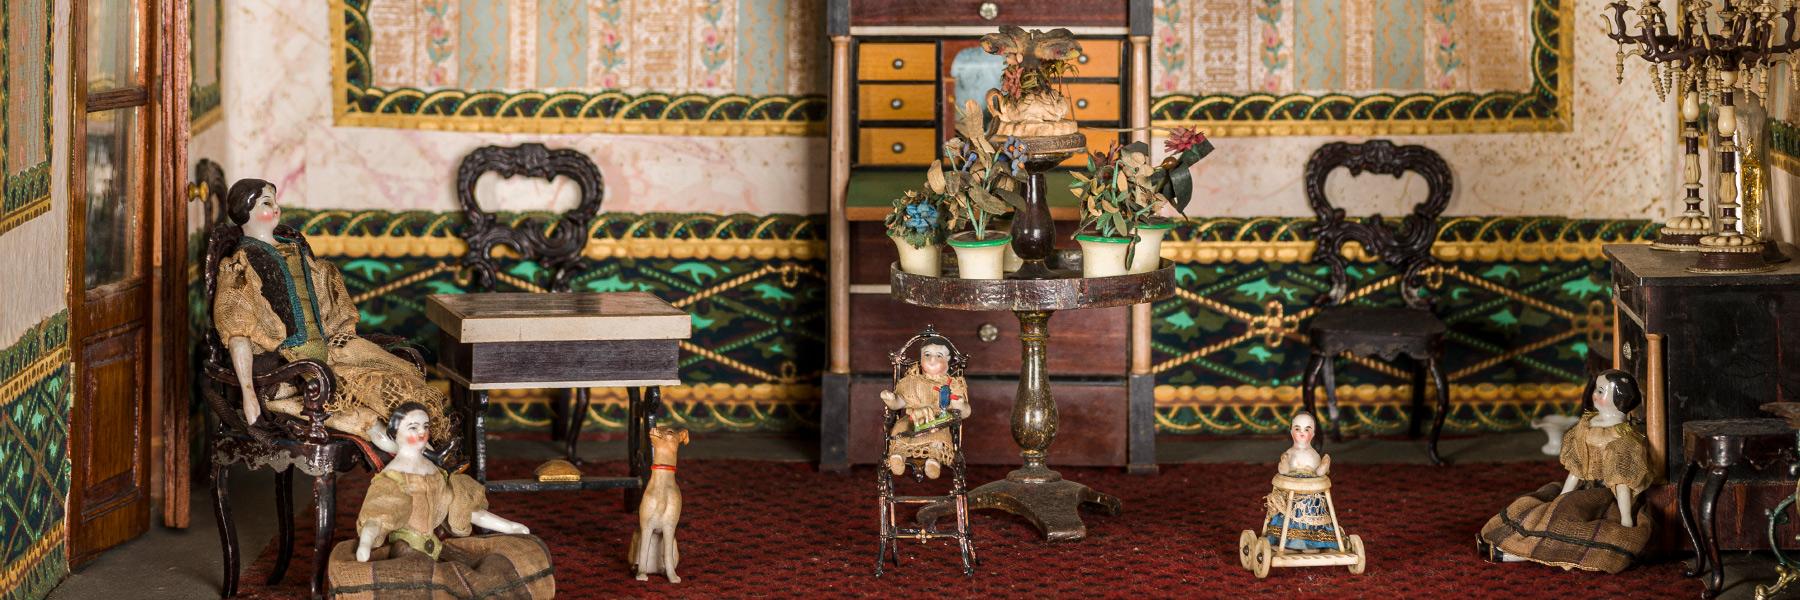 Imatge detall casa de nines, exposició Decòrum.